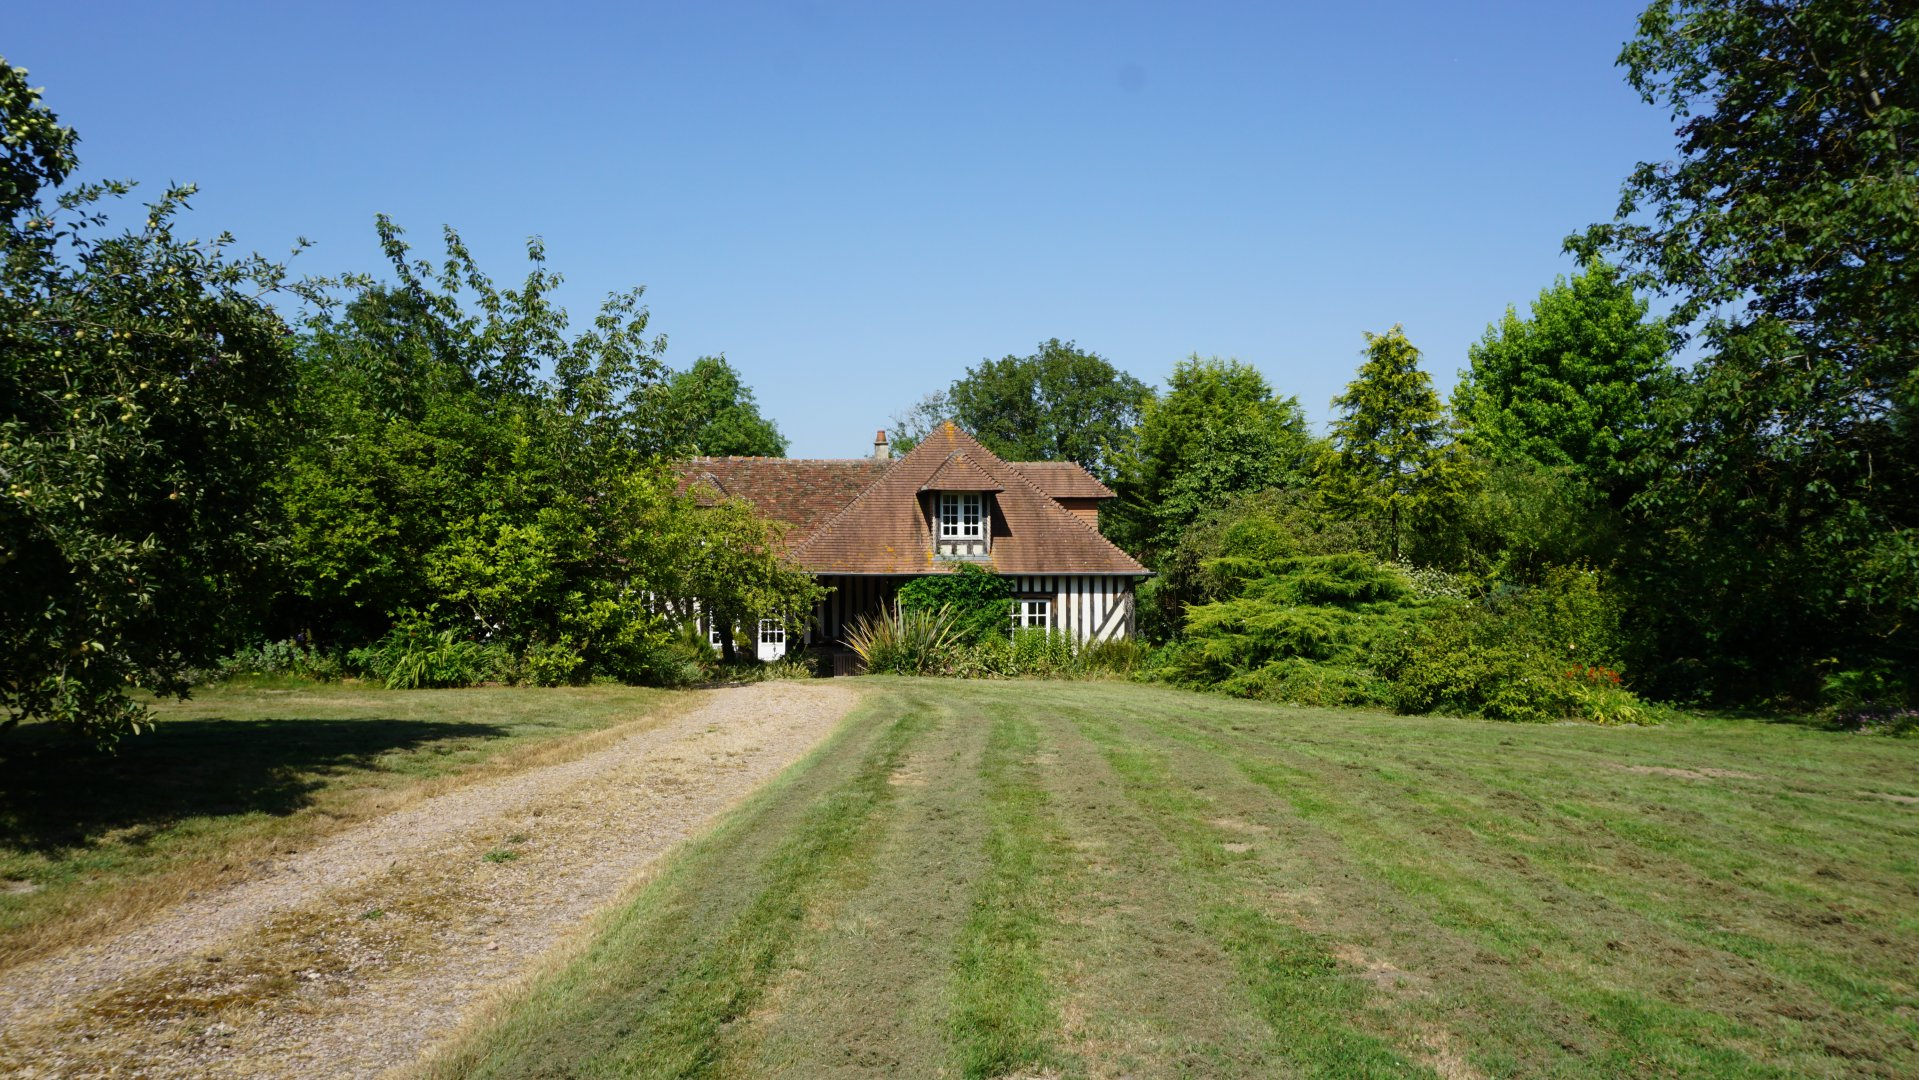 PAYS D'AUGE - CALVADOS Région de Livarot une maison normande avec une maison d'amis, un studio, des dépendances un terrain d'1ha2 environ